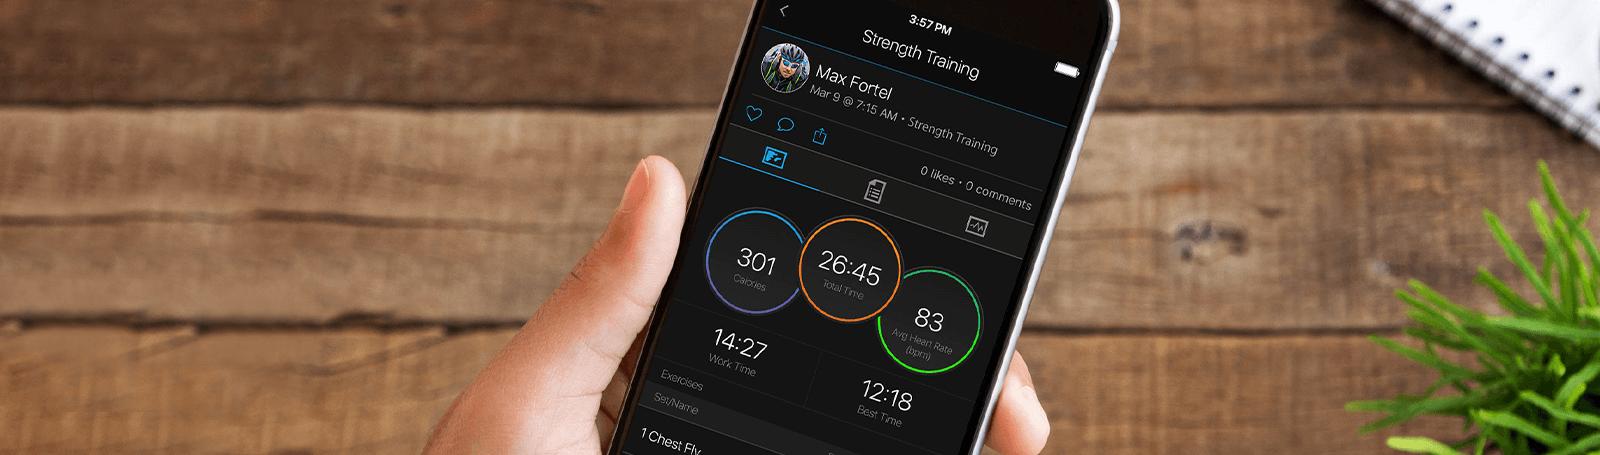 Consultez vos statistiques et suivez vos objectifs dans l'application Garmin Connect™